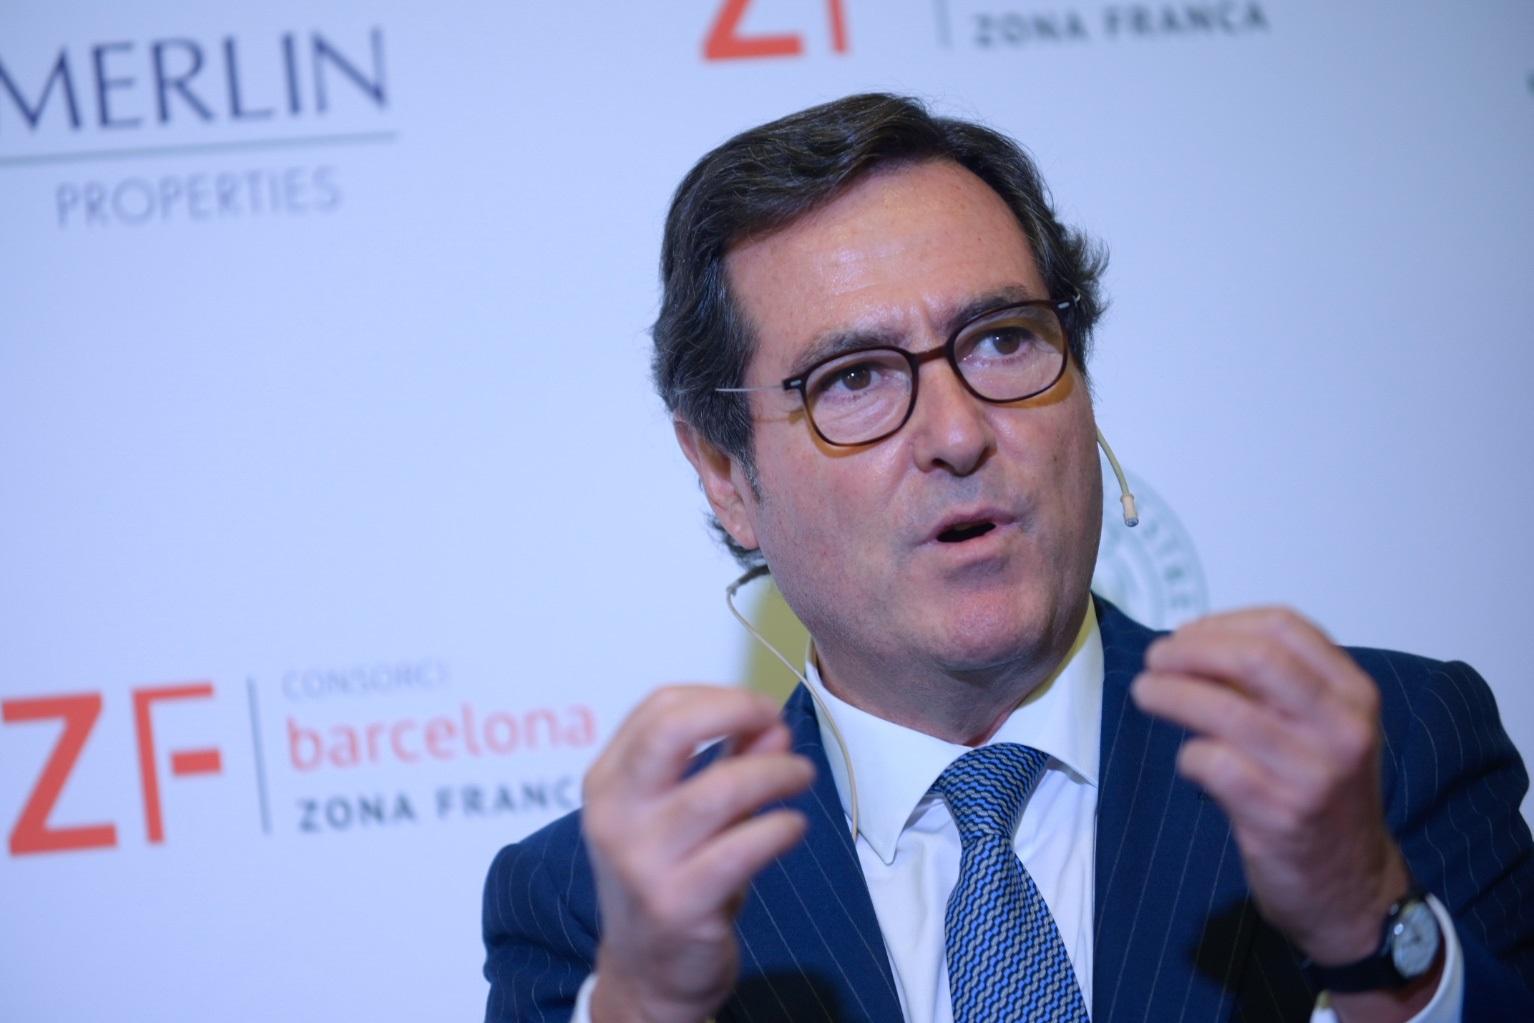 El presidente de la CEOE, Antonio Garamendi, durante el acto / PAUL MAC MANUS - CIRCULO ECUESTRE